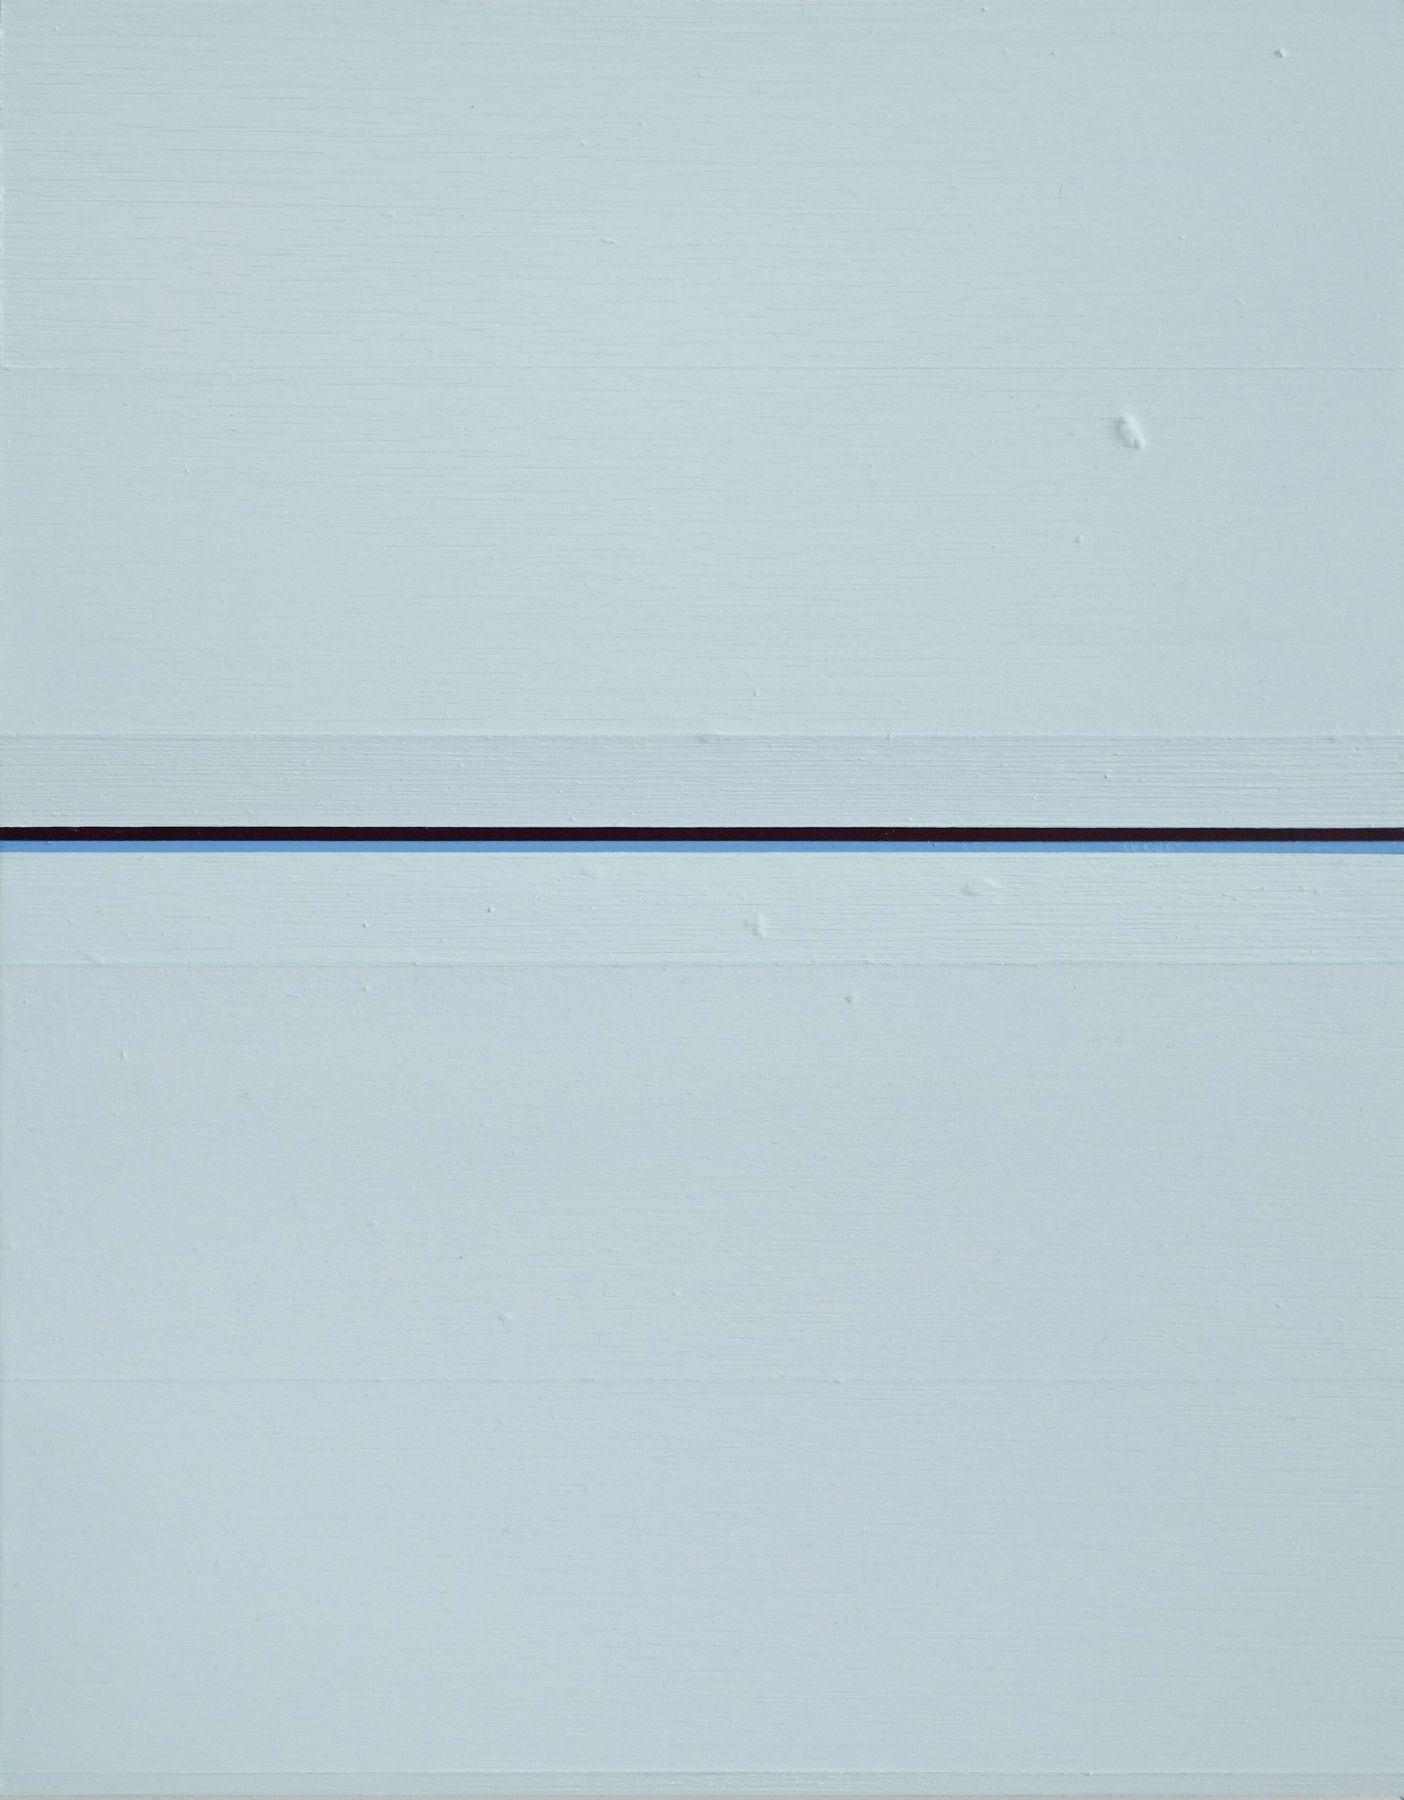 Minku Kim S.E.P (Horizon No. 8), 2018-19